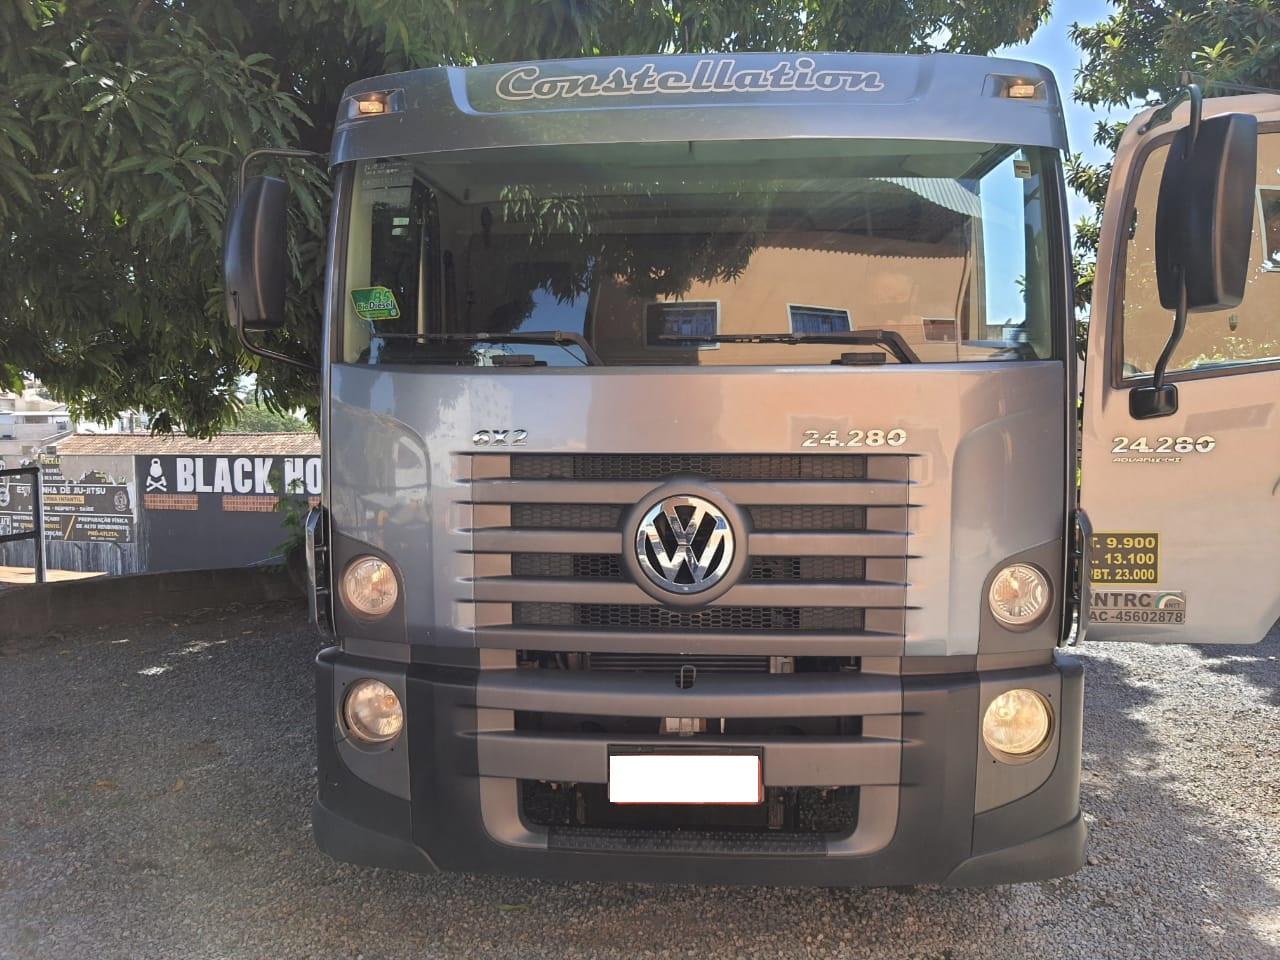 Caminhão 24280 VW